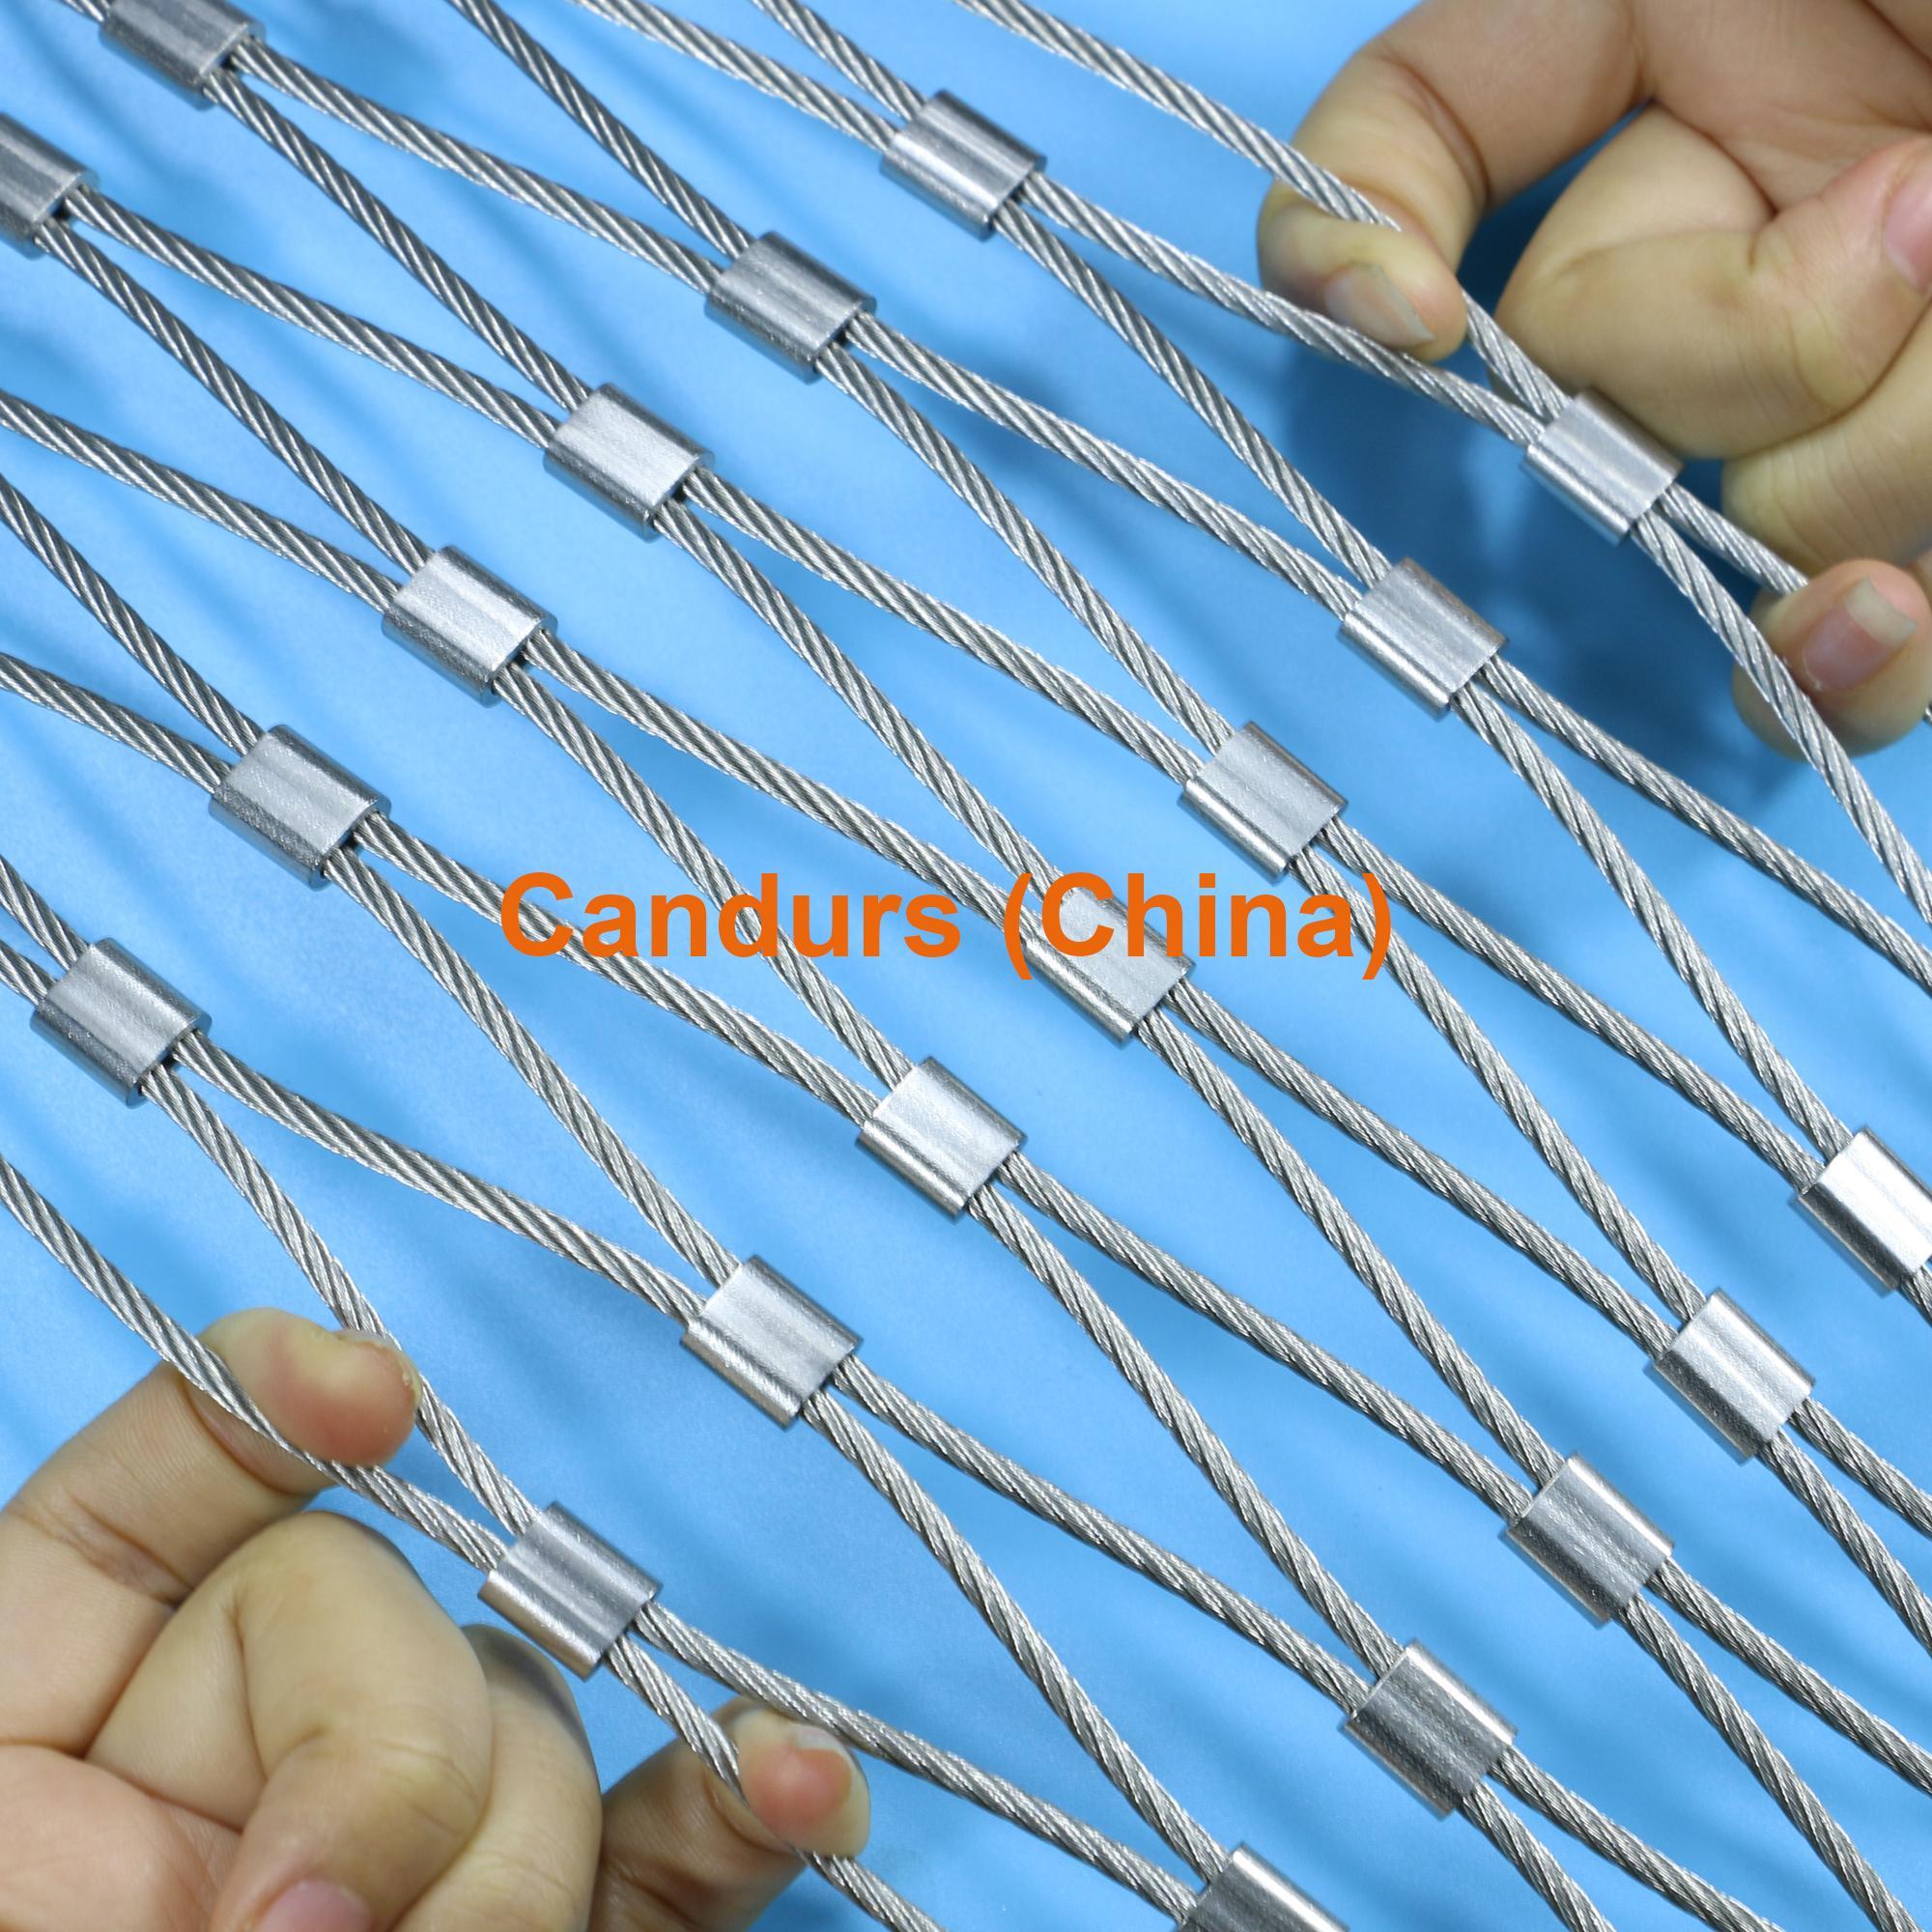 1.5毫米不锈钢丝绳扣网护栏 18